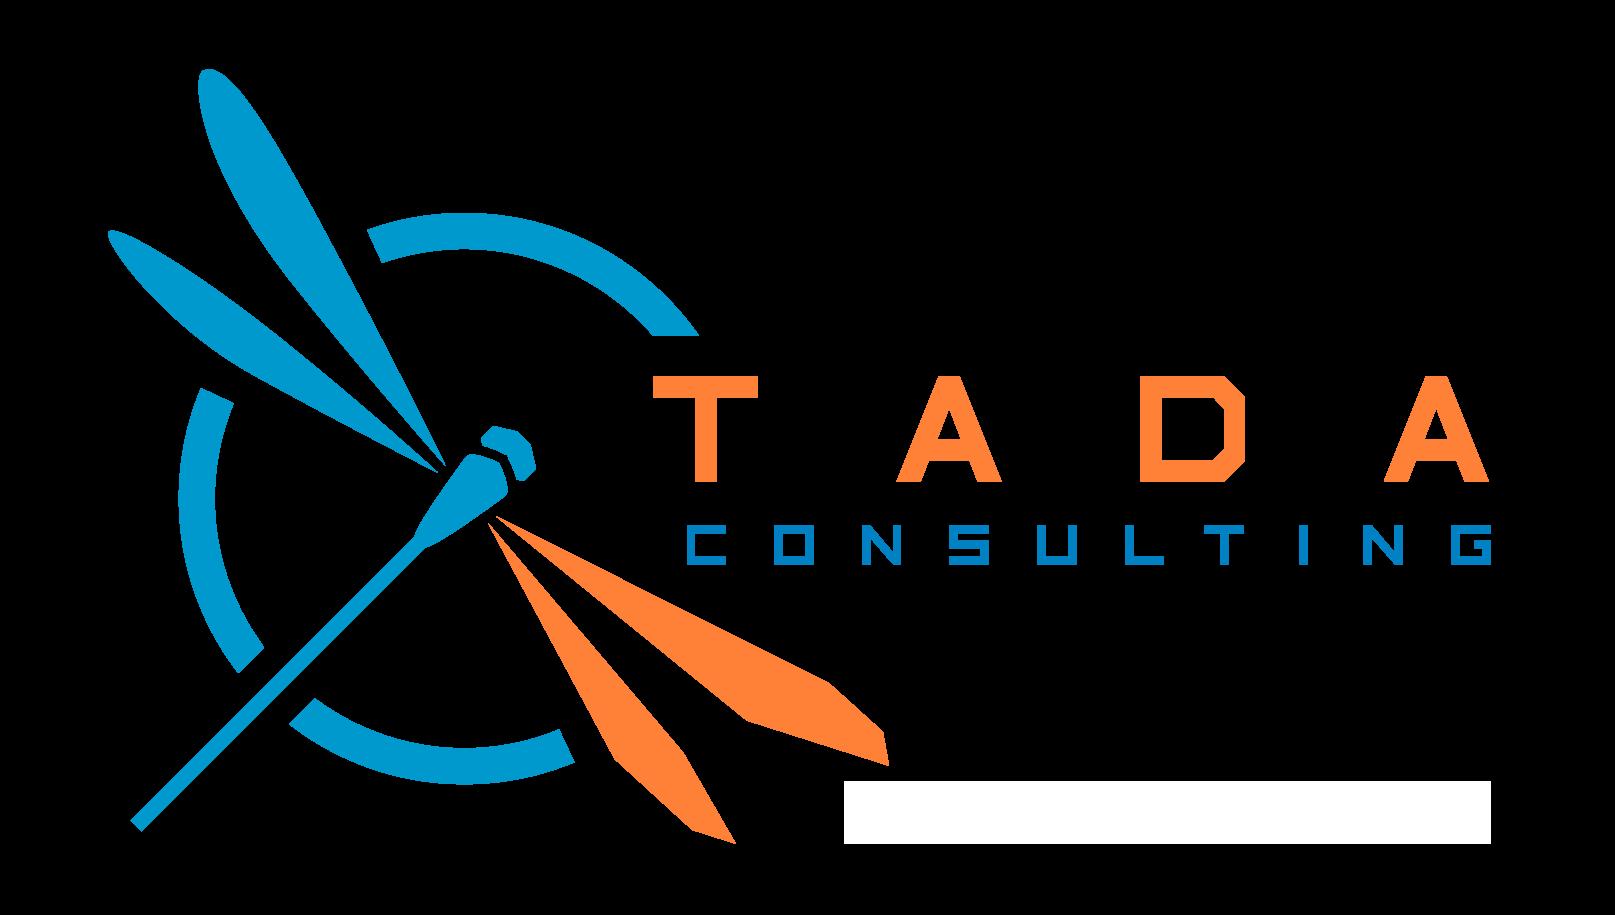 TADA Consulting